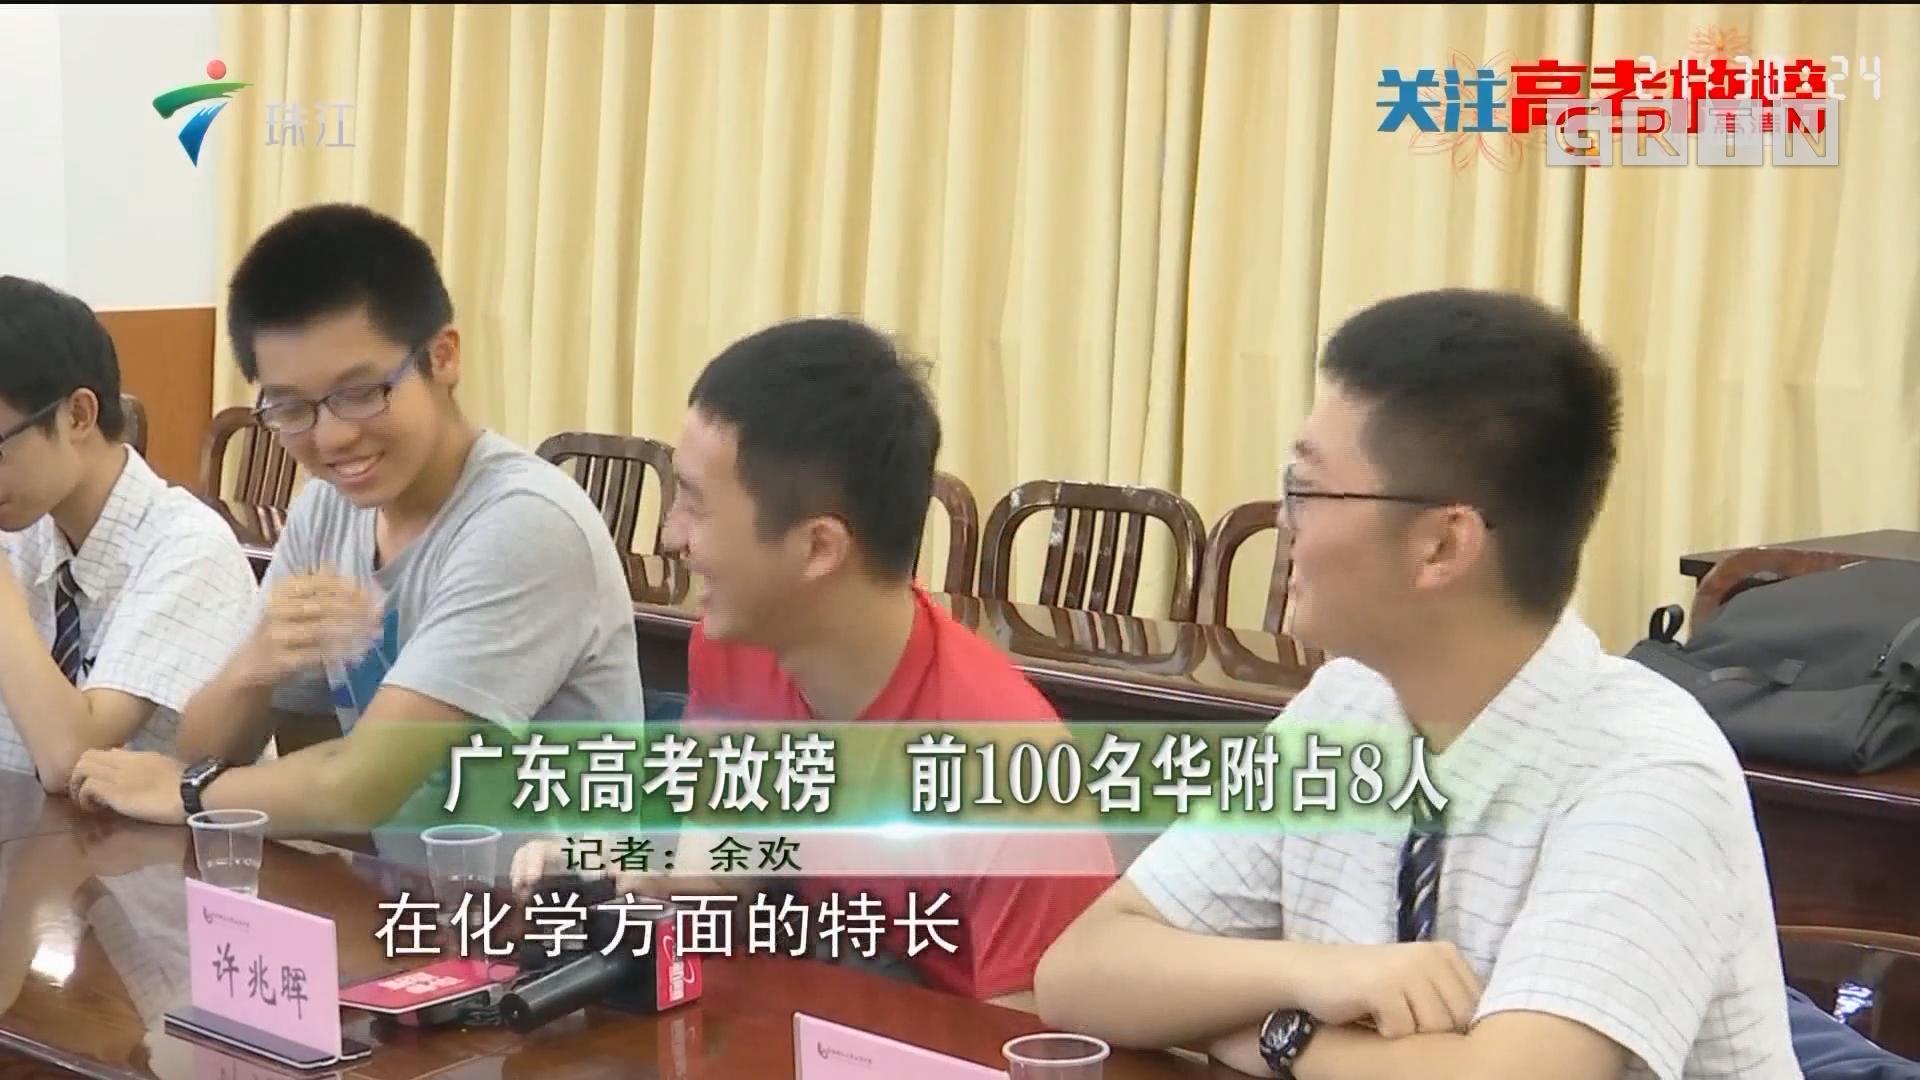 广东高考放榜 前100名华附占8人